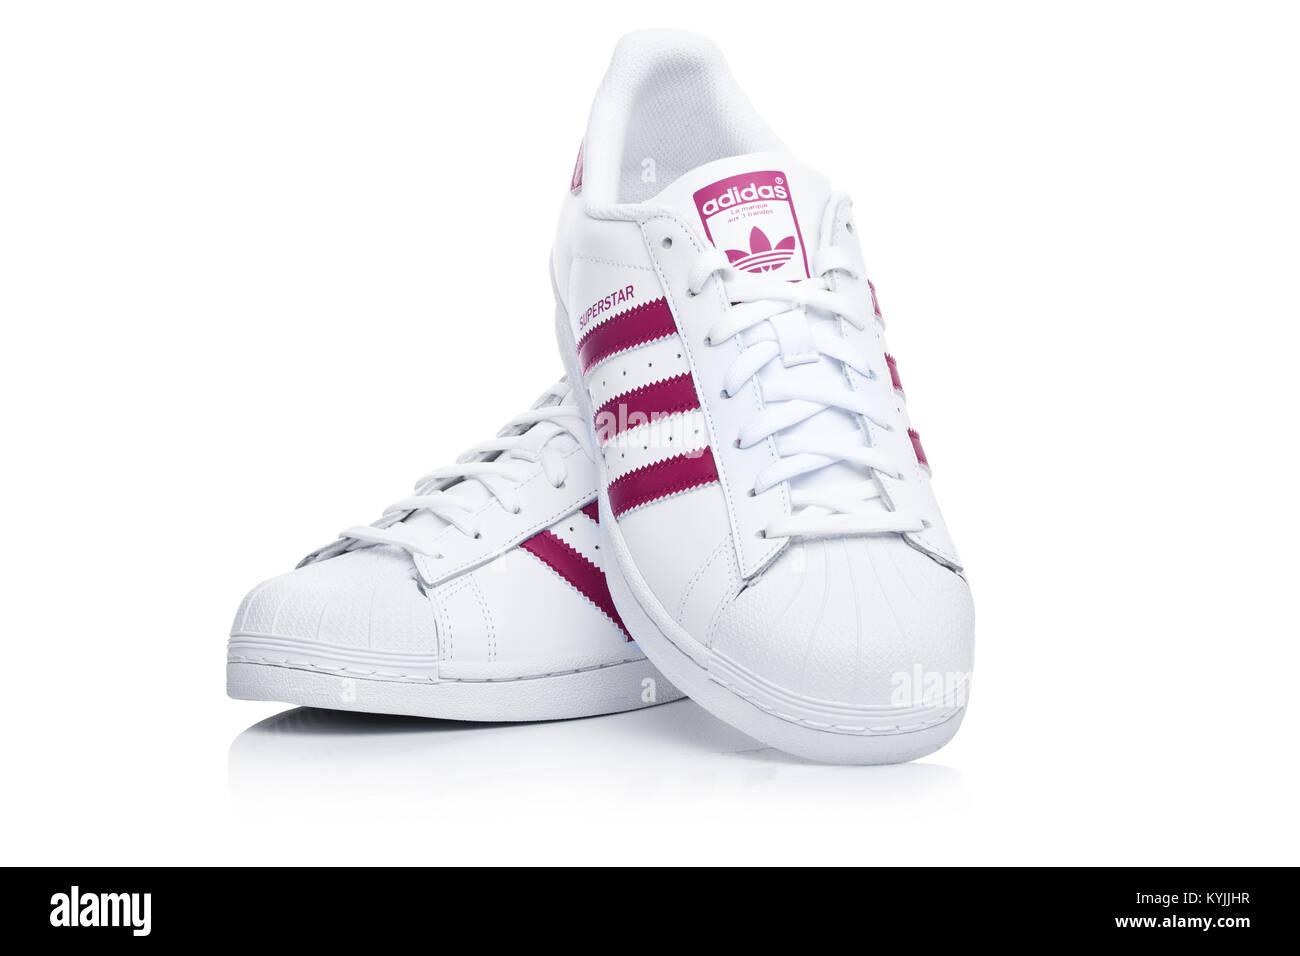 Shop Hose Weiß Im Sst Tp Rot Adidas Cuffed Weare 80OnwPk